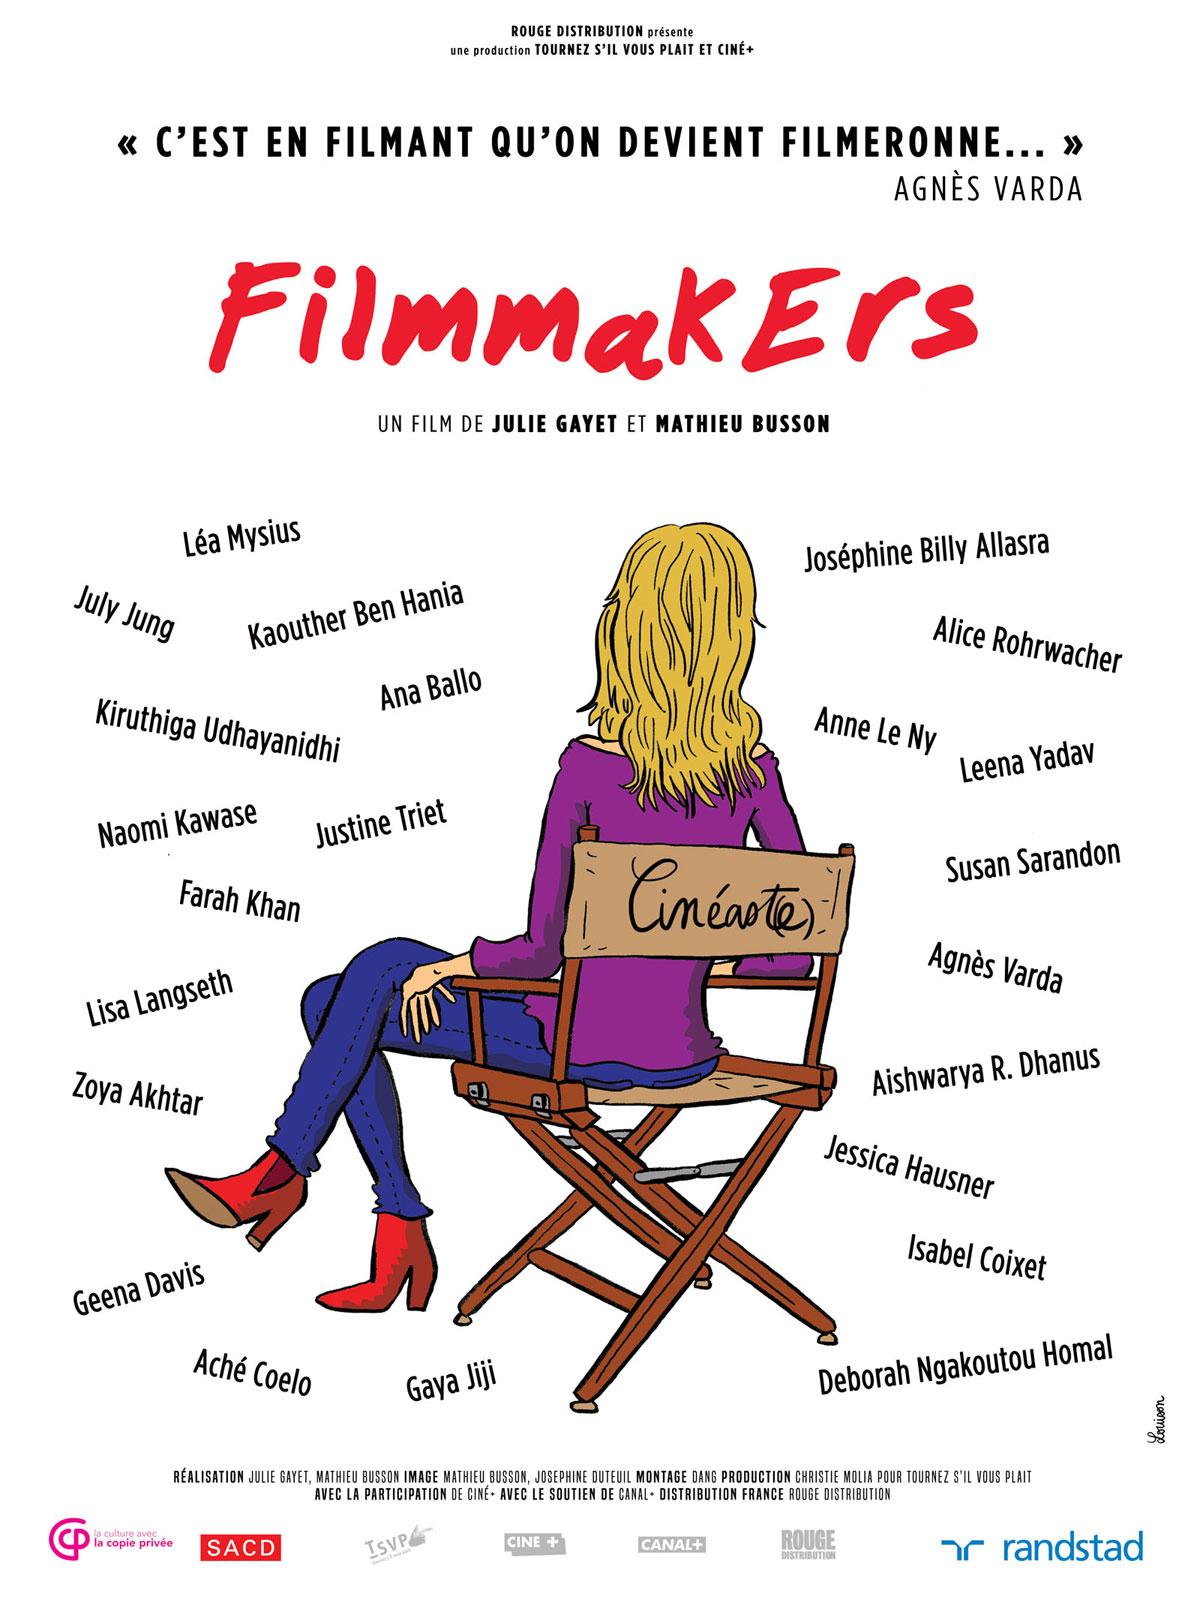 Image du film FilmmakErs